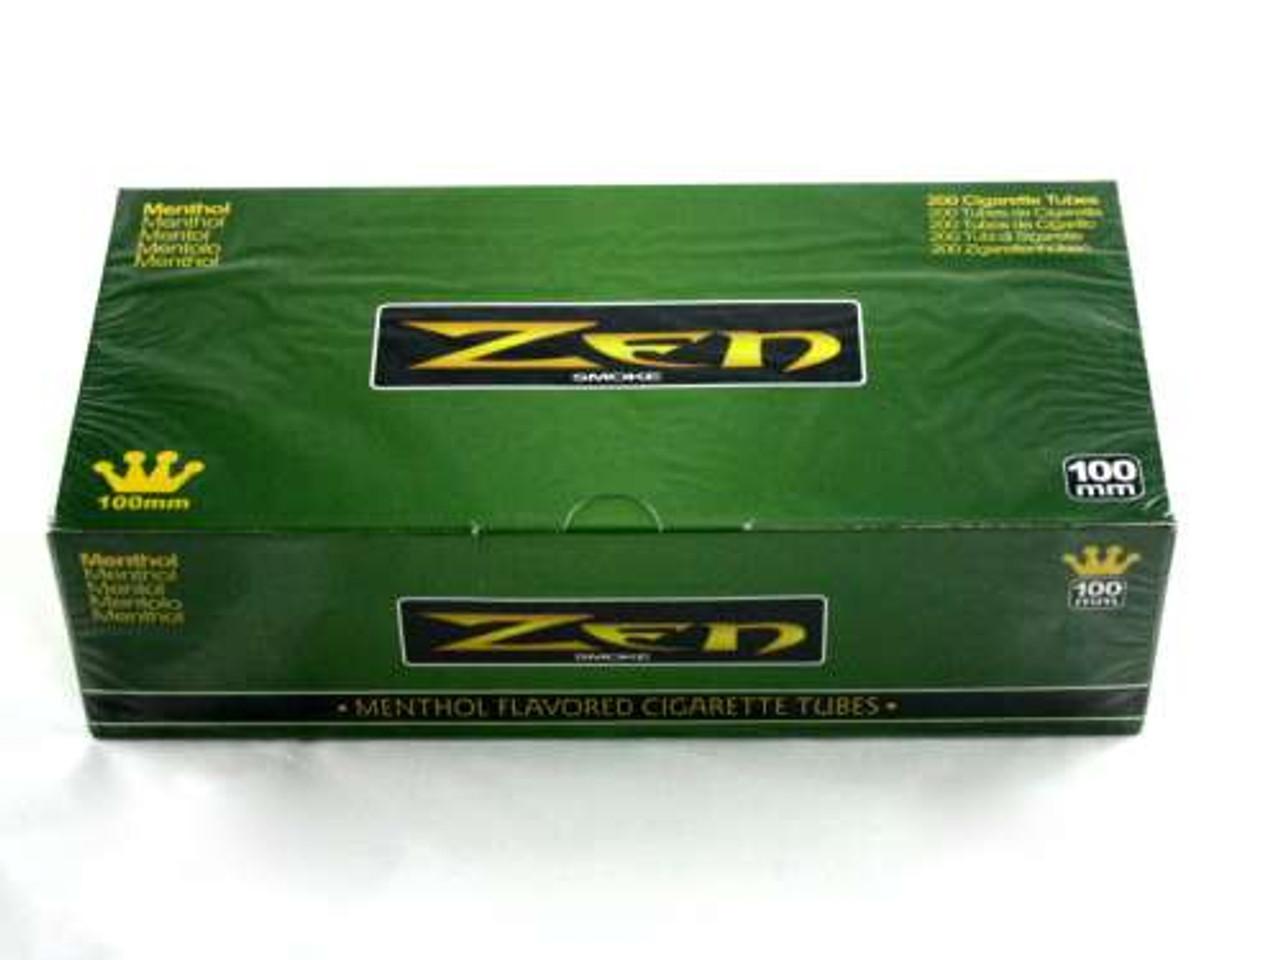 Zen Menthol 100's Cigarette Tubes